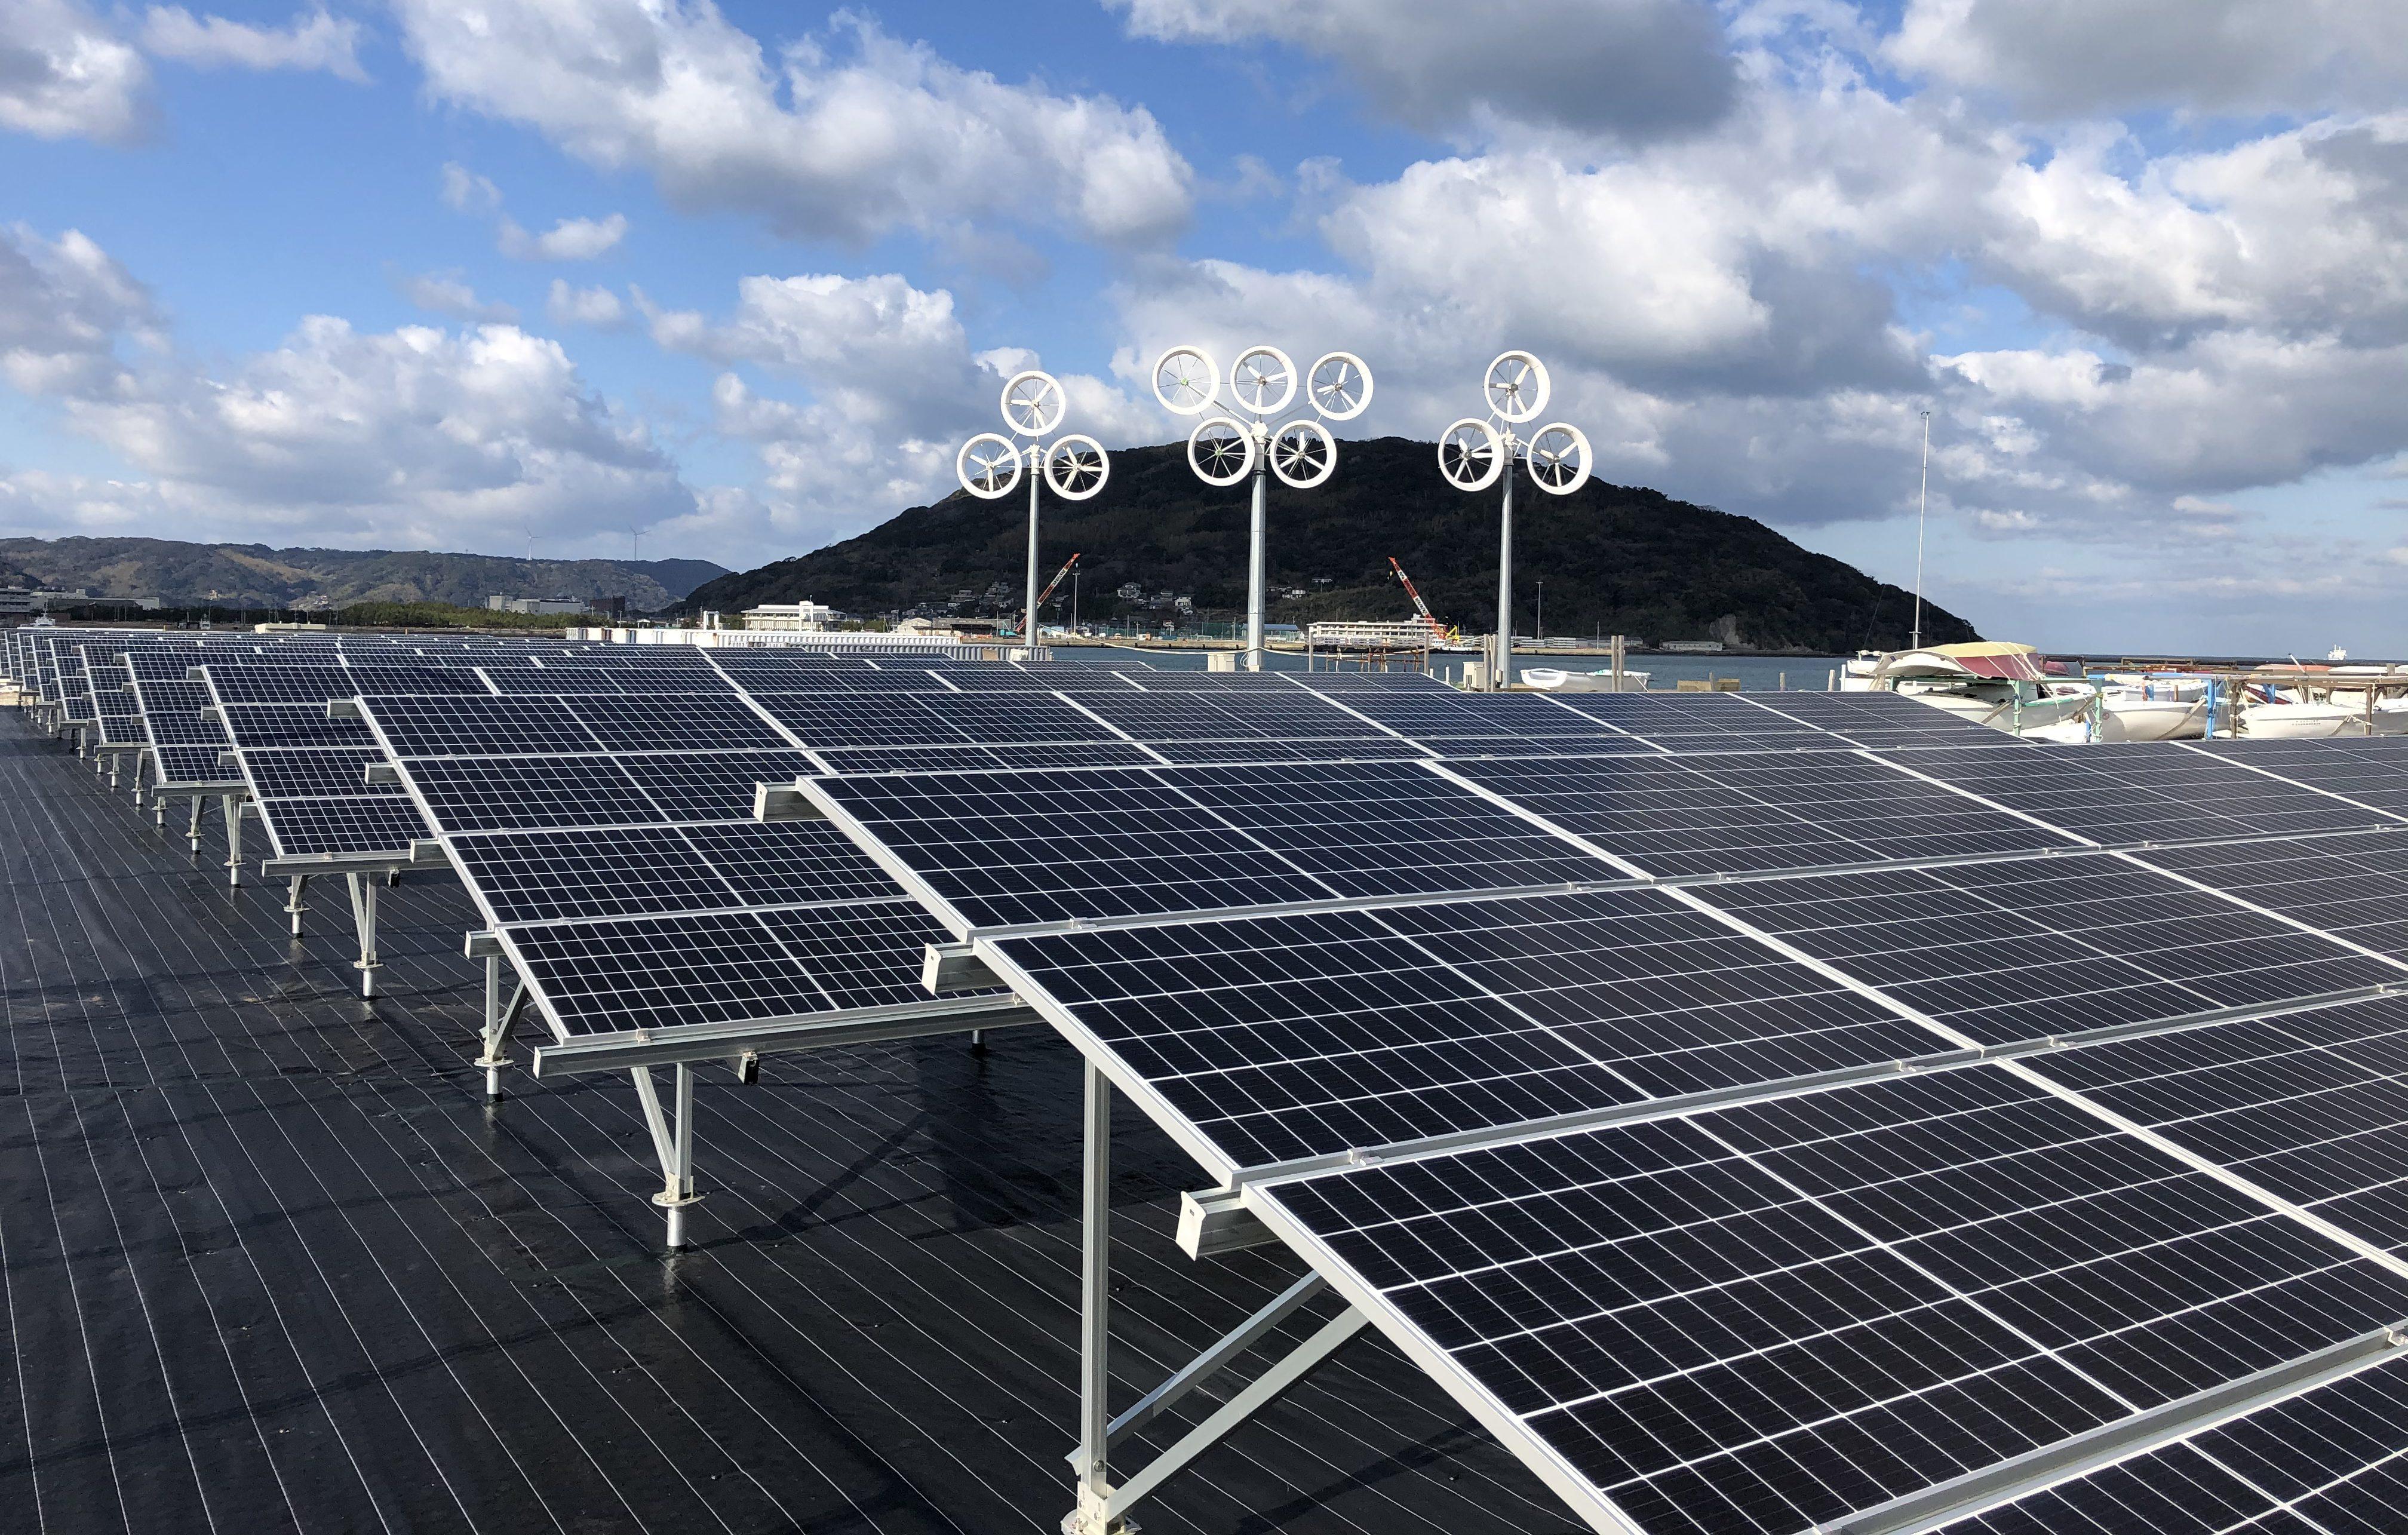 唐津市浄水センターに防災・減災機能向上のための太陽光発電設備・蓄電池設備を導入 ~新設・既存の発電設備における需給を最適制御システムで連携~